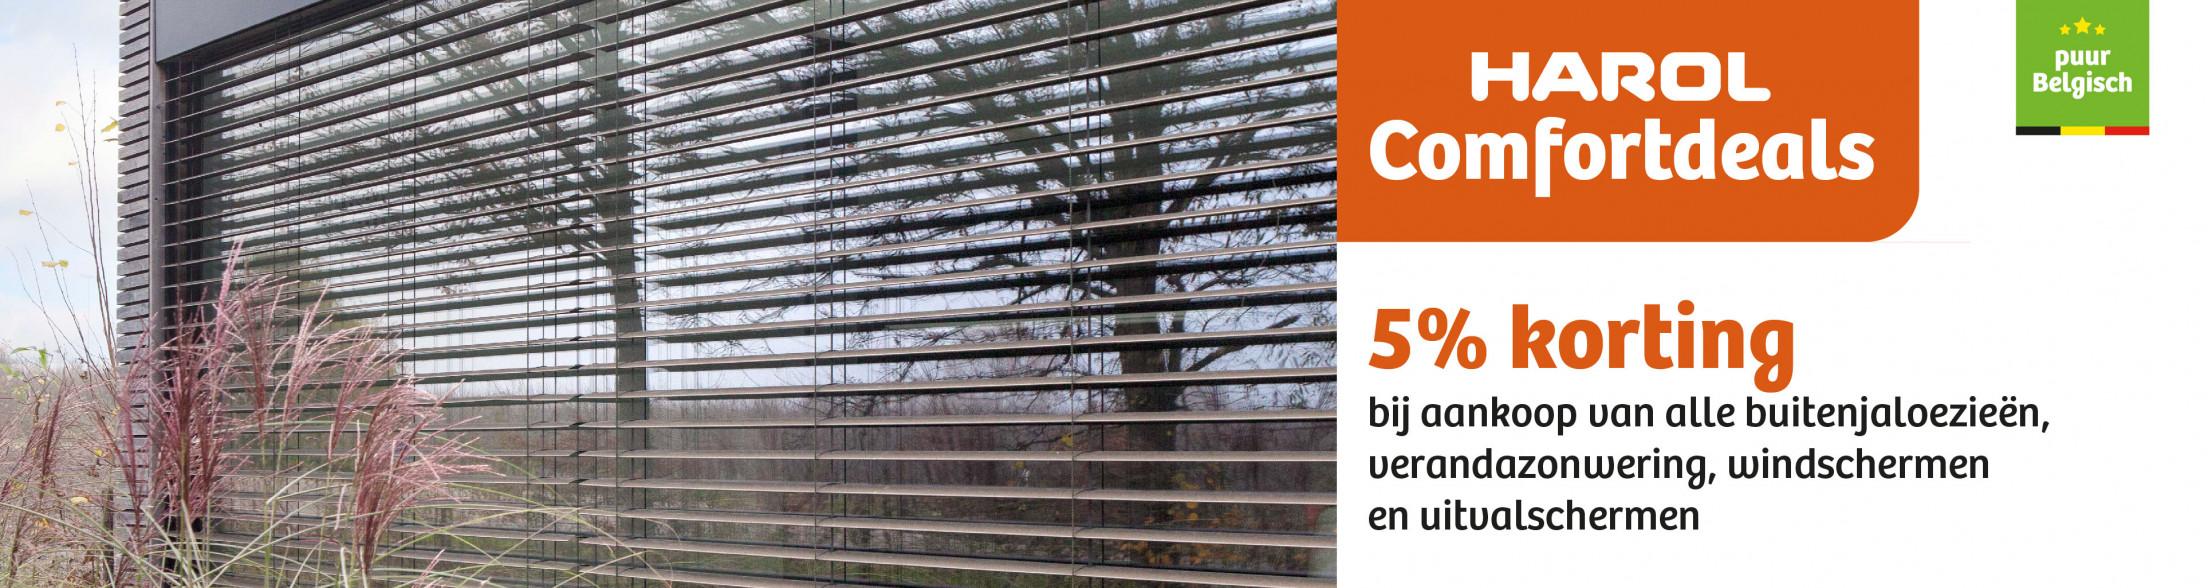 Ontvang 5 % korting bij aankoop van een Harol verandazonwering, buitenjaloezie, windscherm, uitvalscherm tot 16/05/21